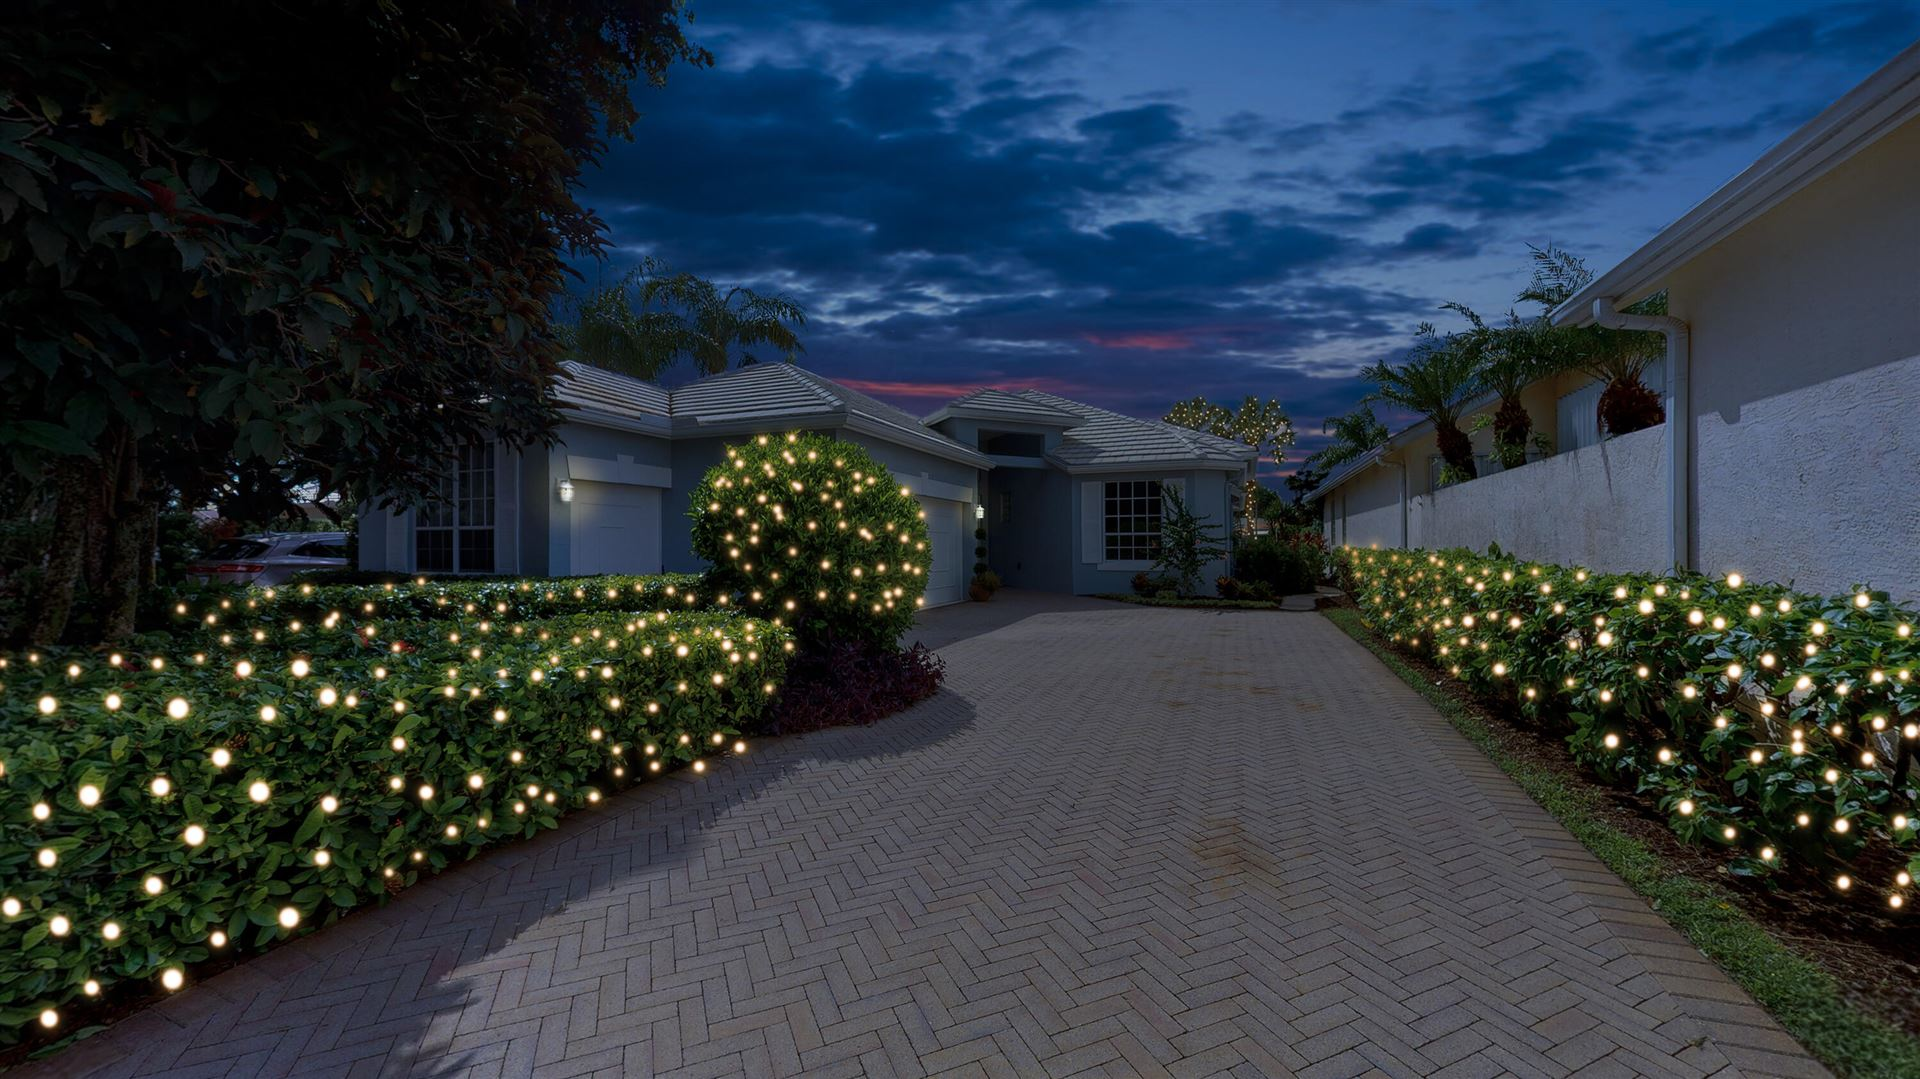 Photo of 122 Victoria Bay Court, Palm Beach Gardens, FL 33418 (MLS # RX-10731619)